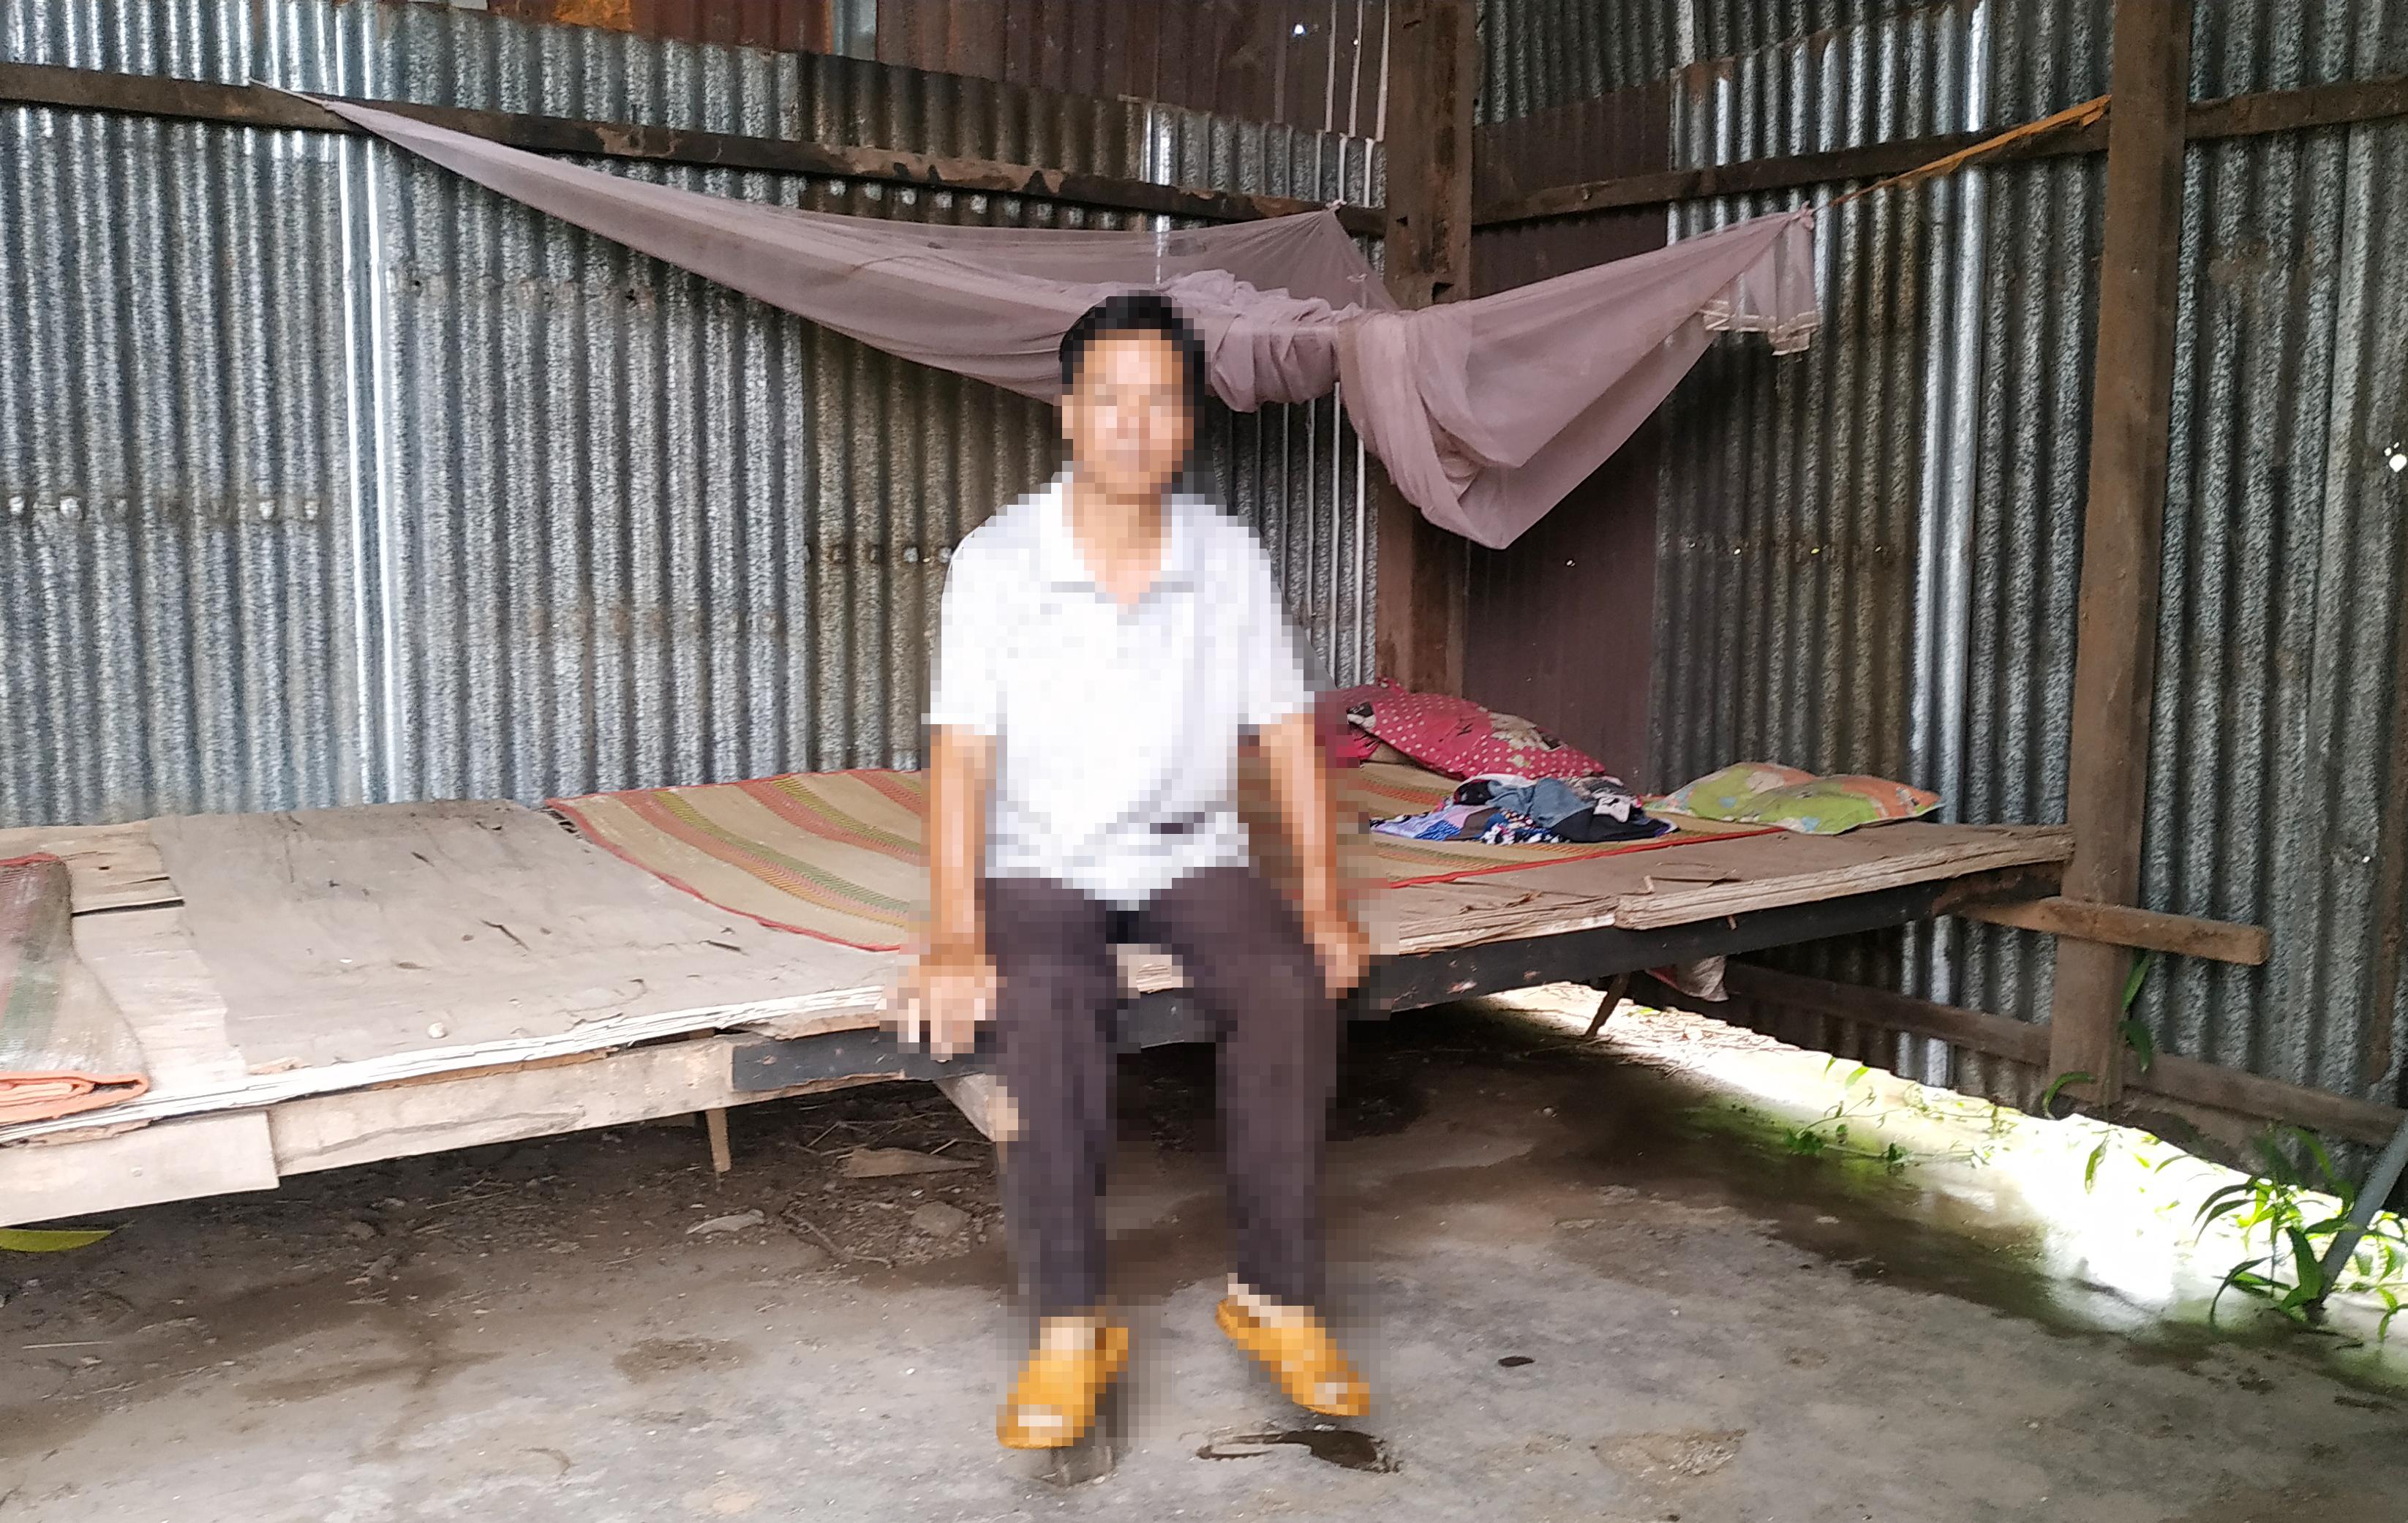 Sú A Giểng đang phải sống trong căn chòi dựng tạm bợ, rách nát